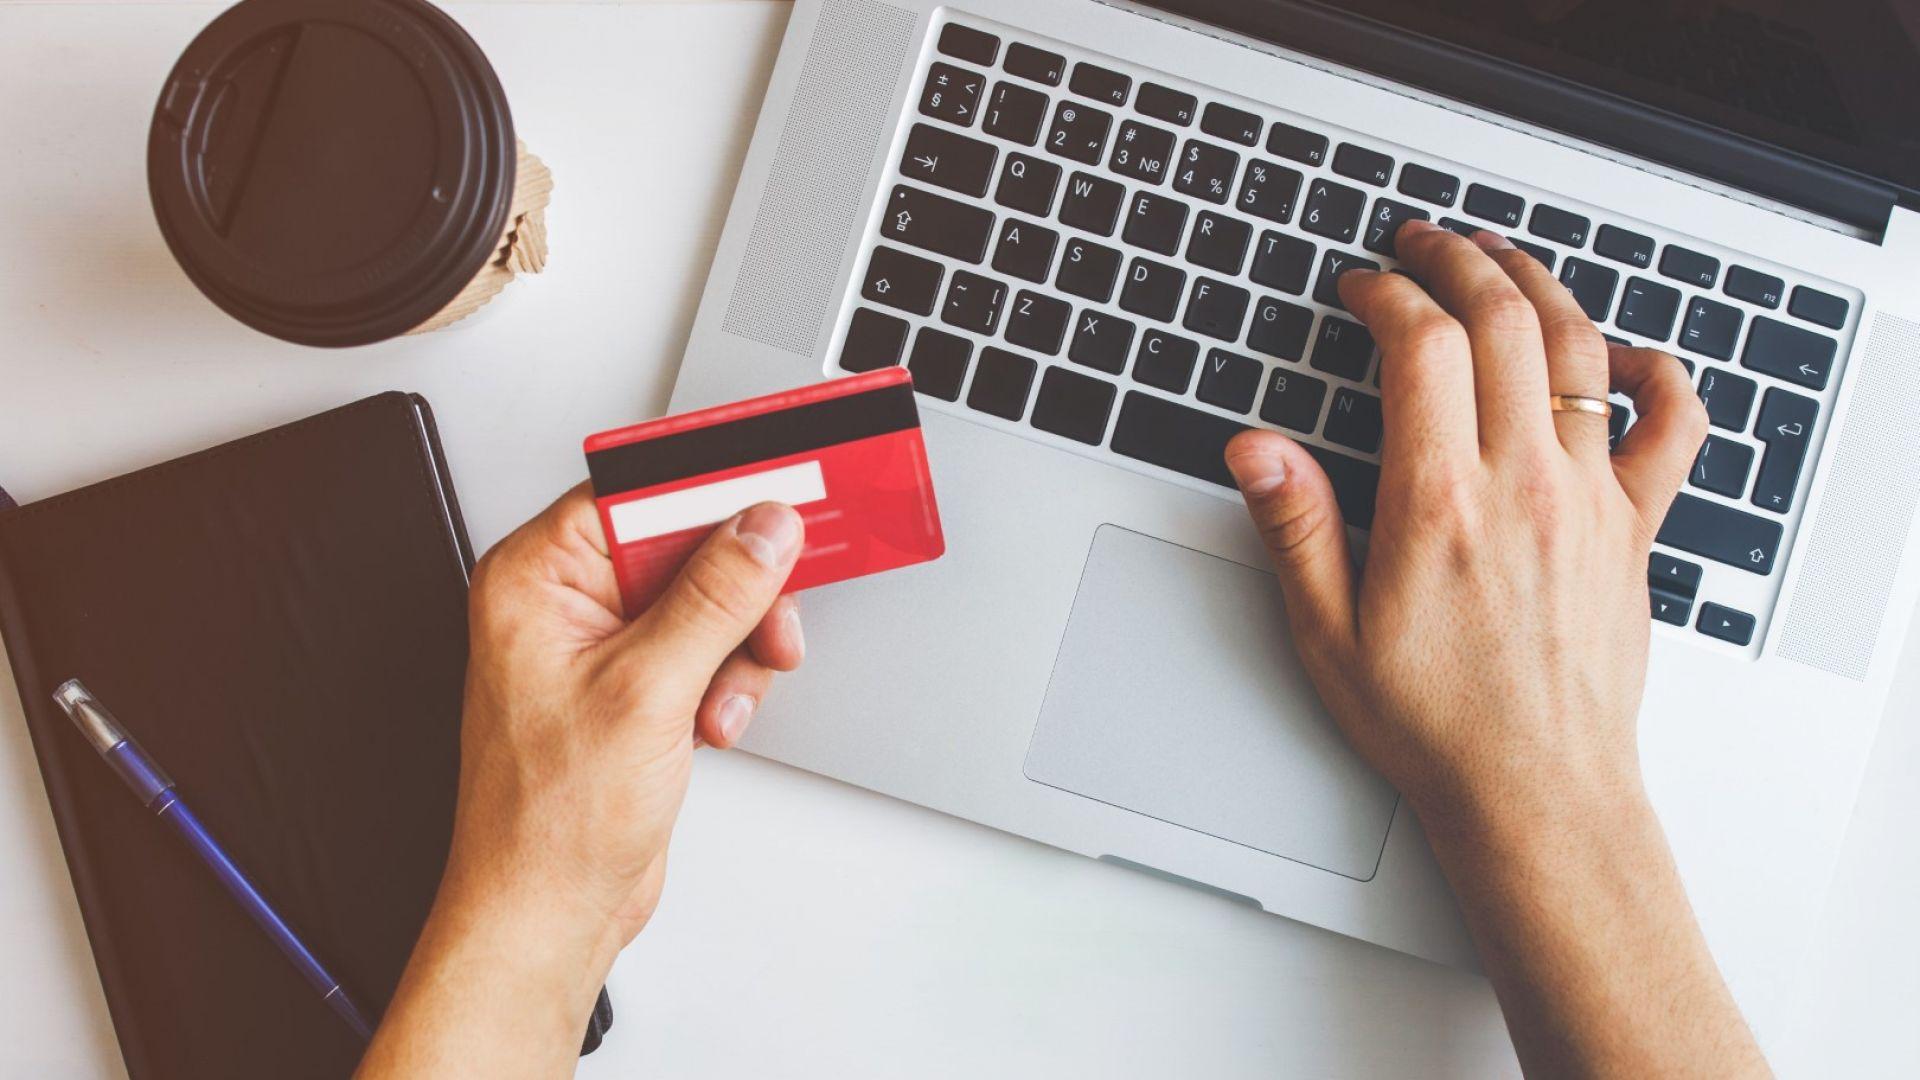 Онлайн пазаруването е много по-лесно и удобно